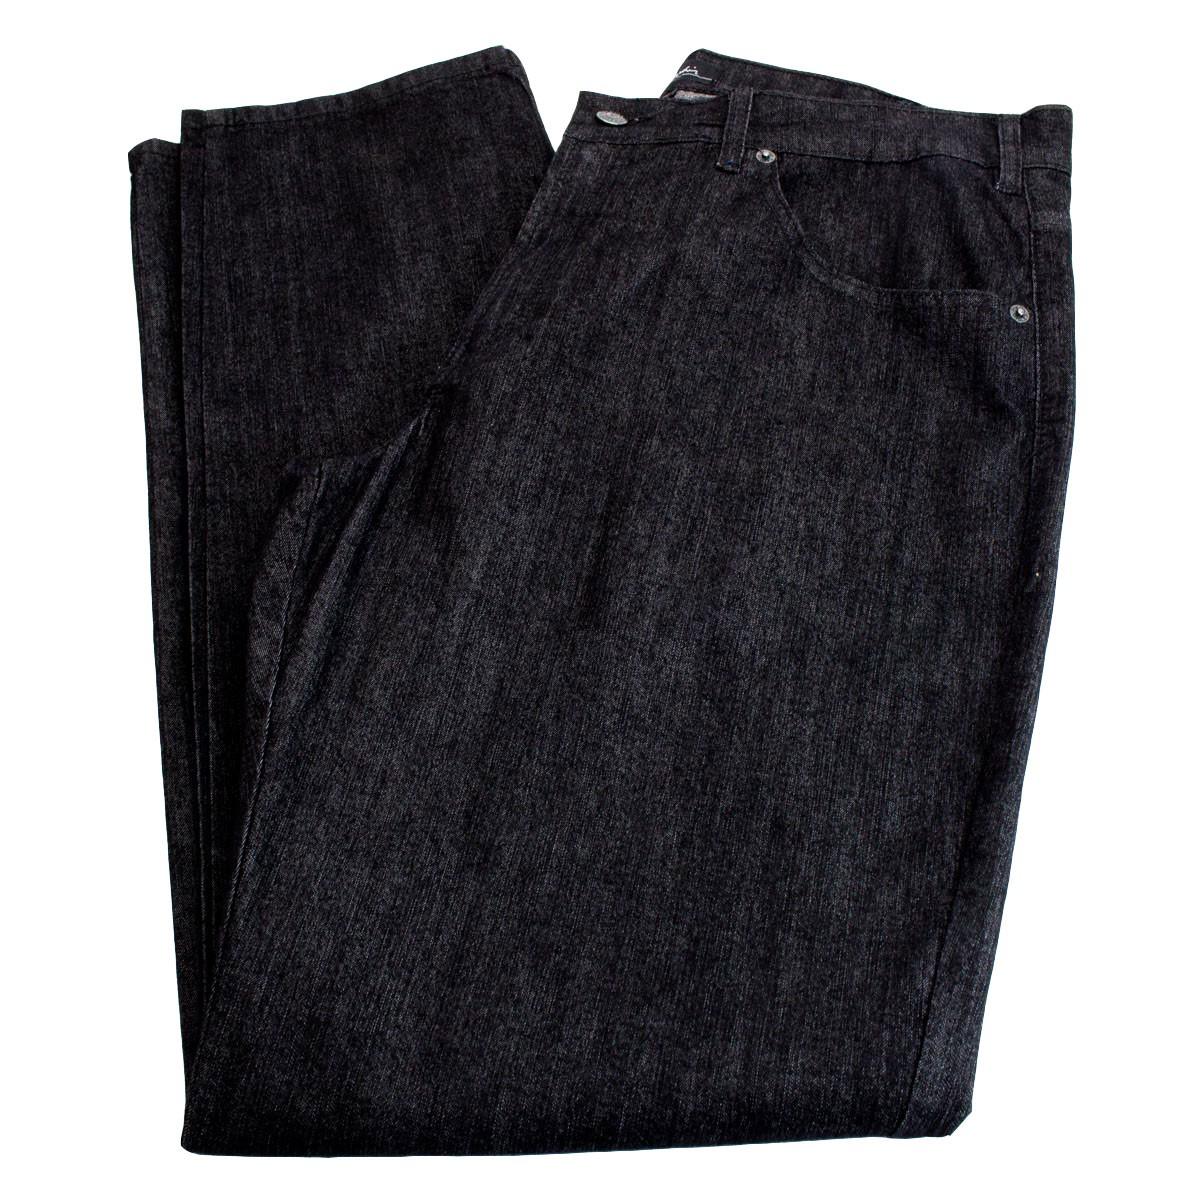 3b0e64952 Bizz Store - Calça Jeans Masculina Pierre Cardin New Fit Elastano